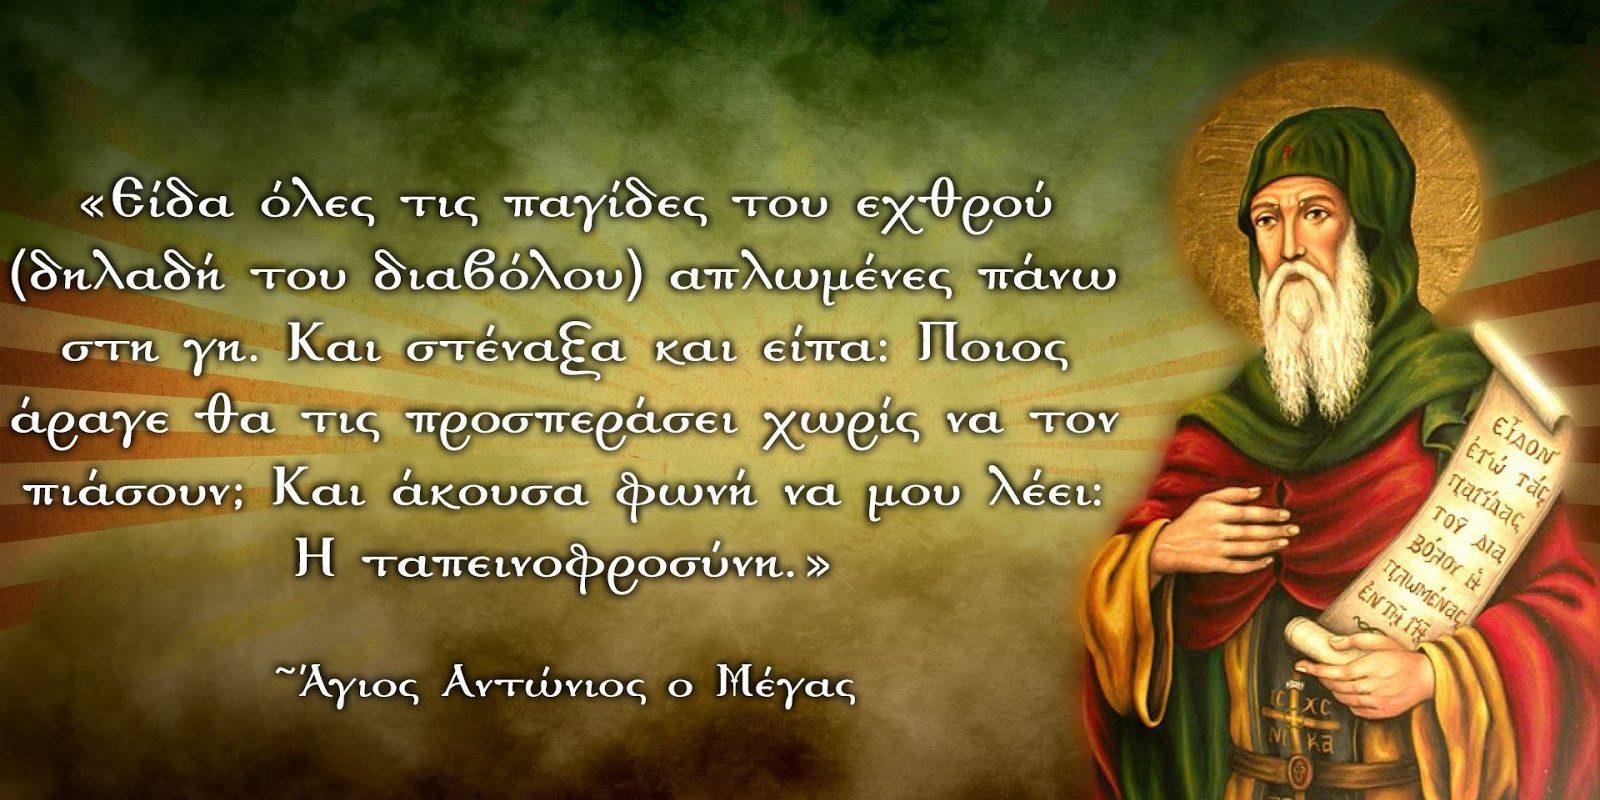 Αποφθέγματα του Αγίου Αντωνίου (από το Γεροντικό)